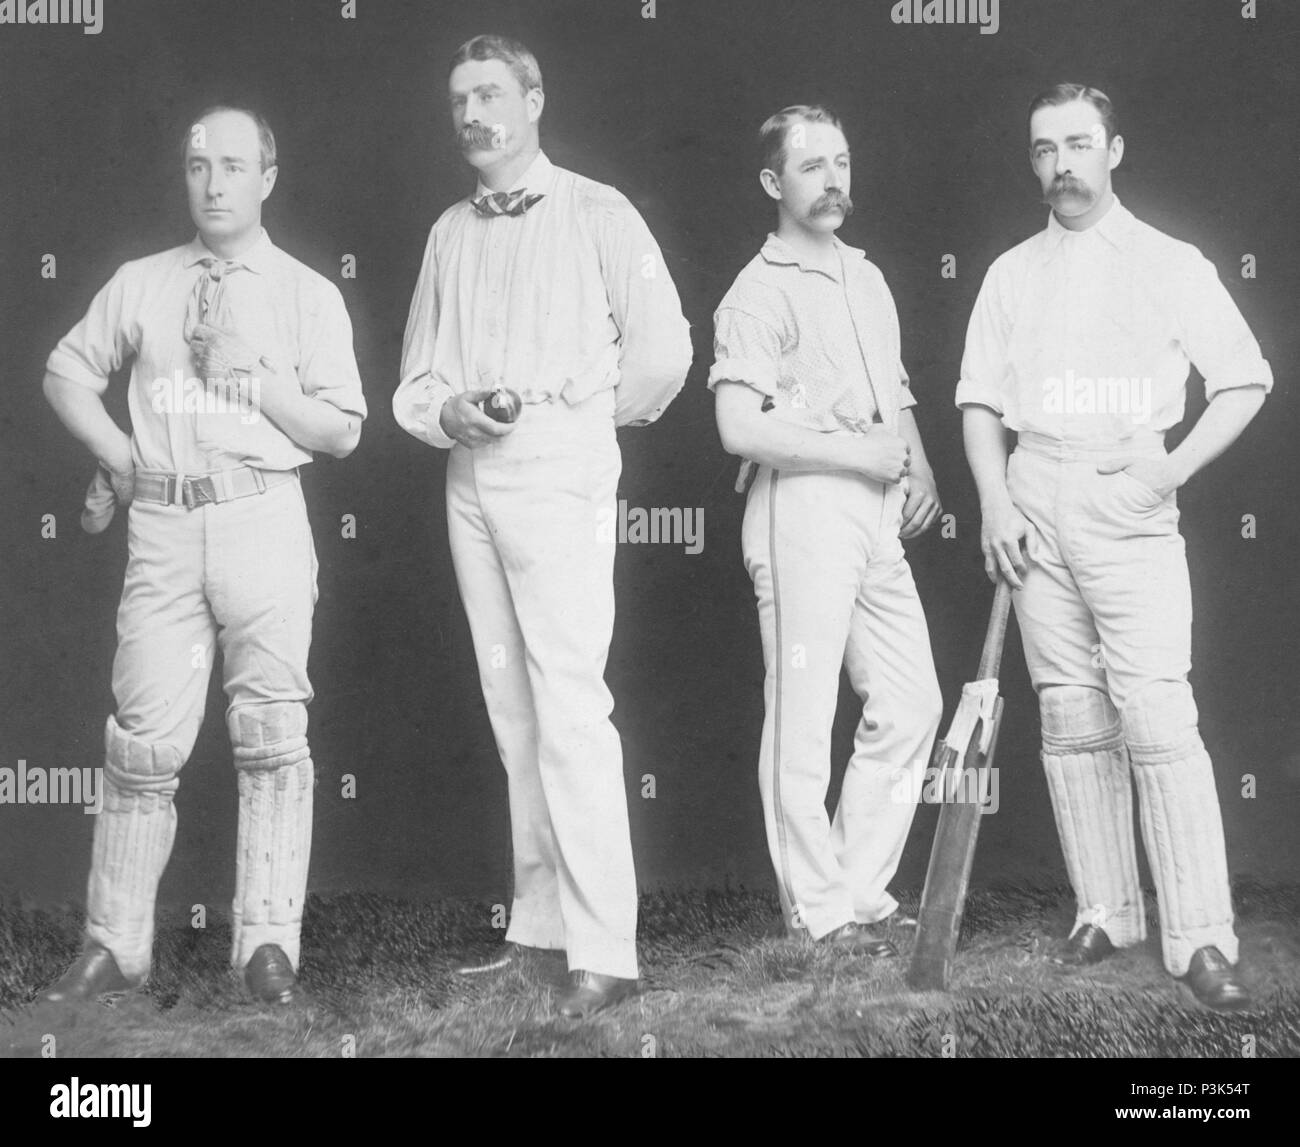 Quatre joueurs de cricket Cricket, Cricket, pose Photo Stock